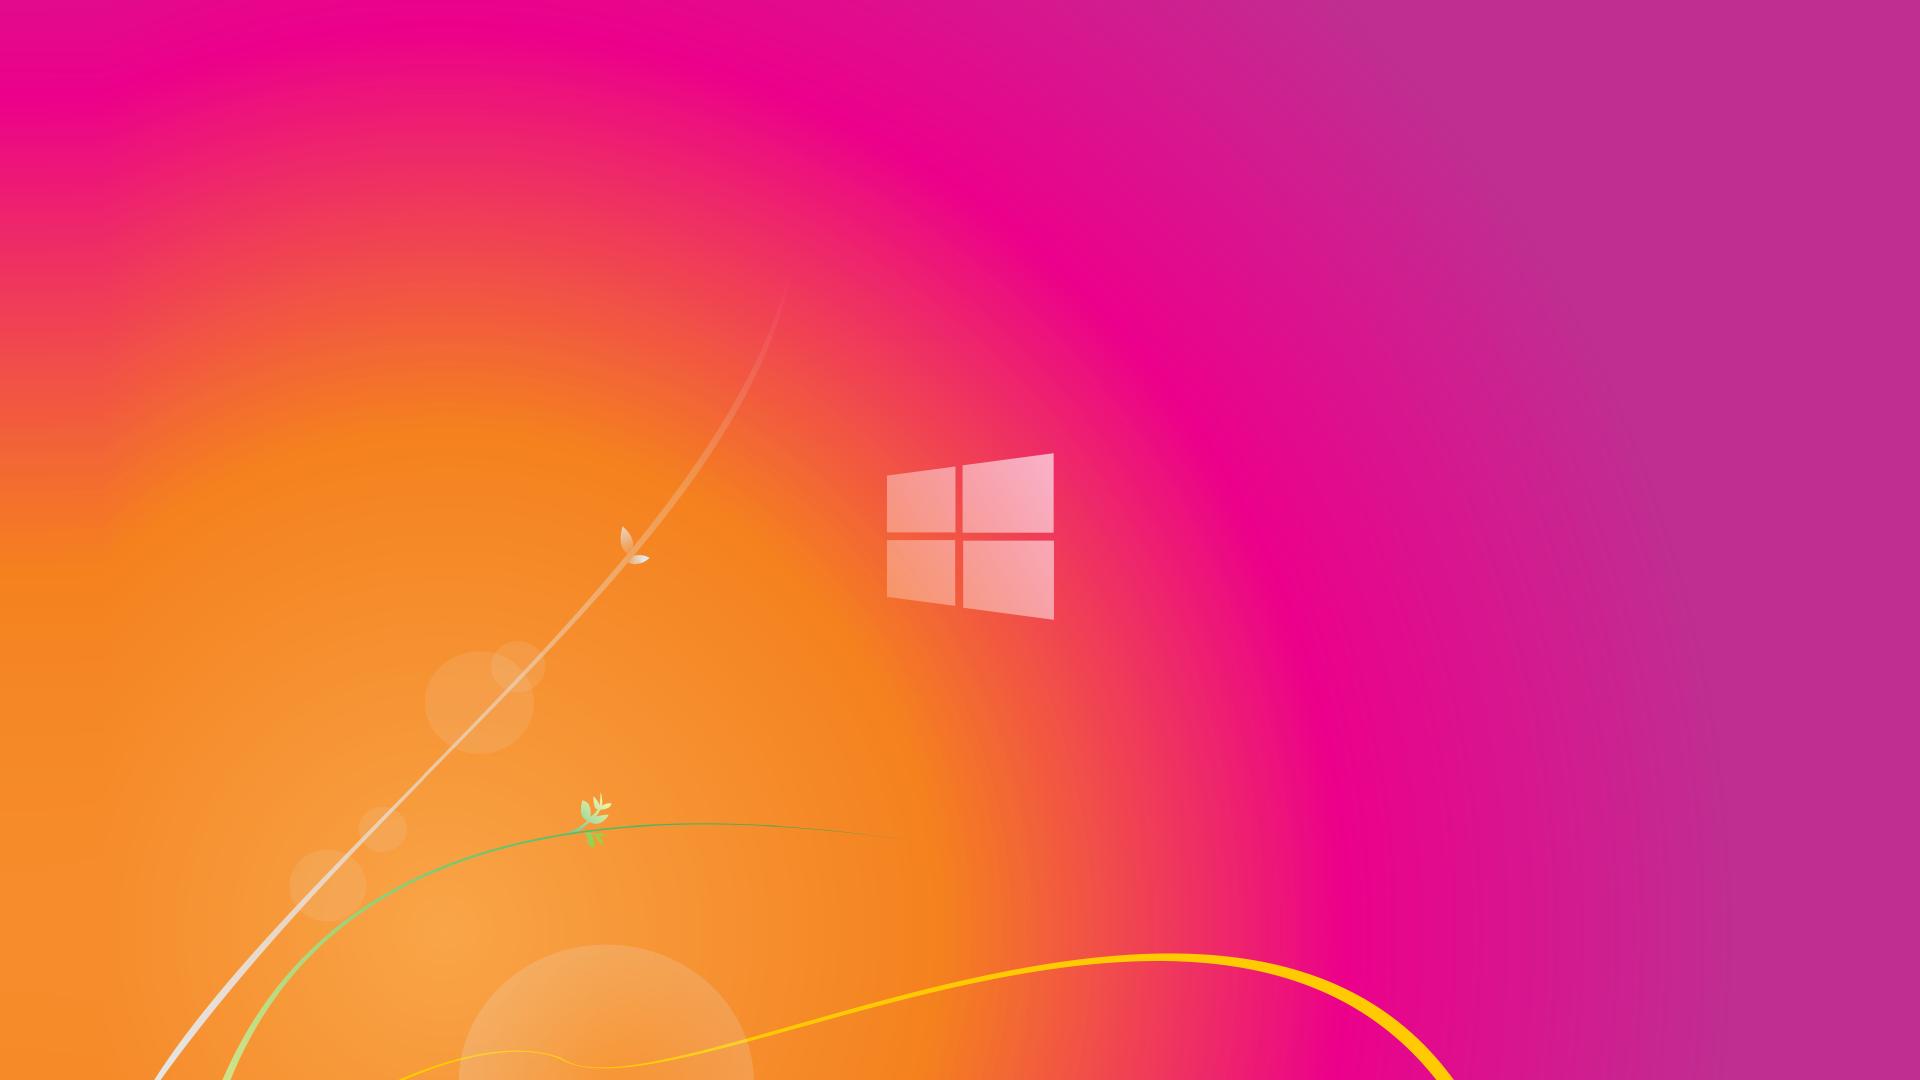 Free download Download Best HD Desktop Wallpapers [1920x1080